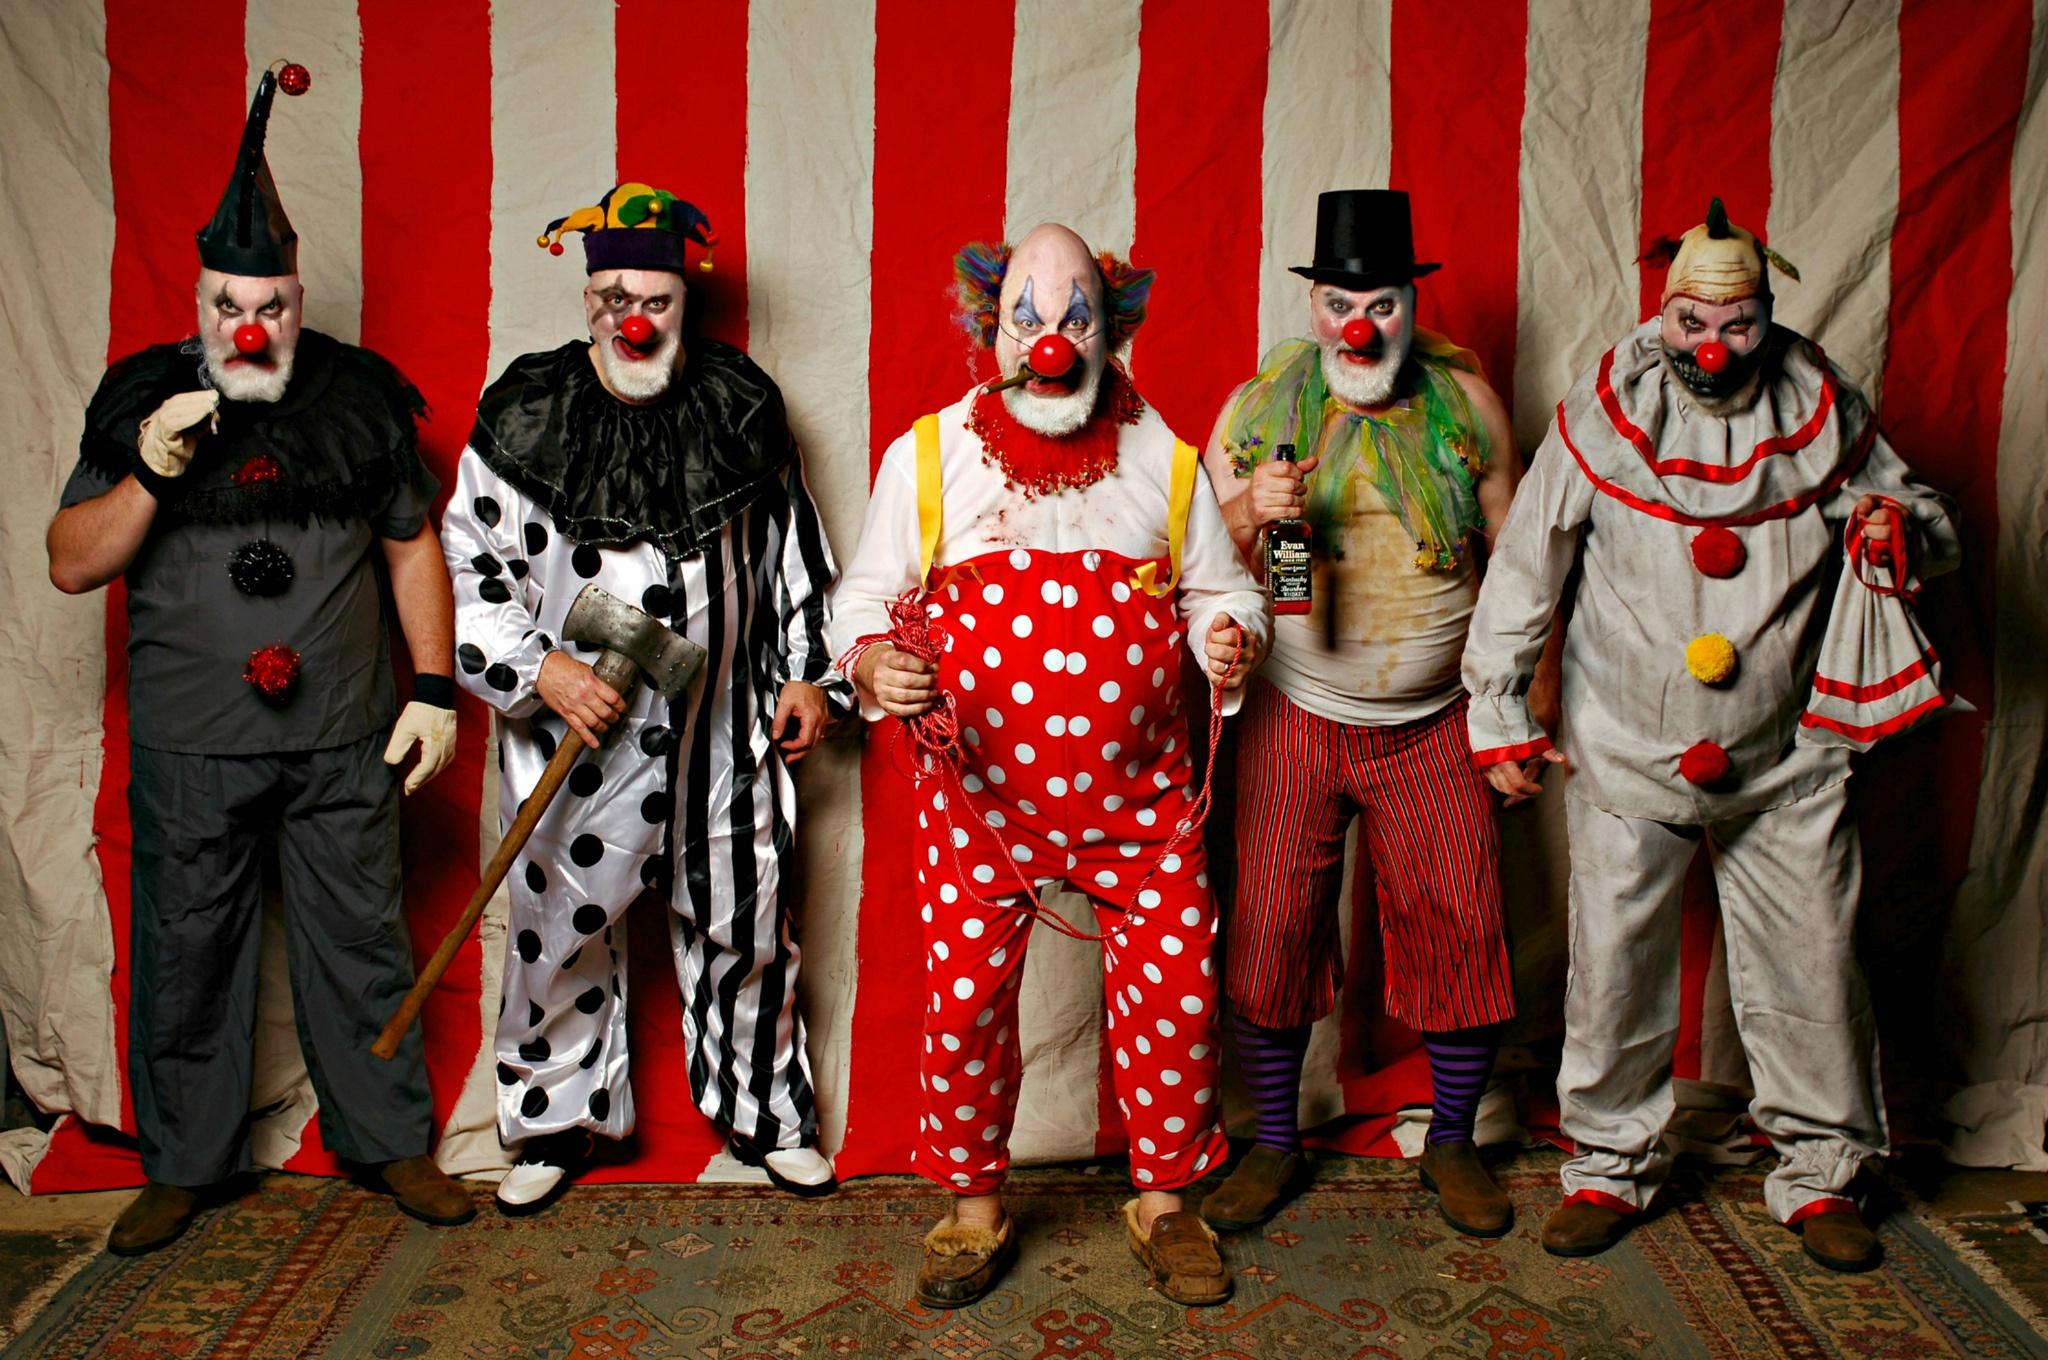 Цирк и клоуны картинки